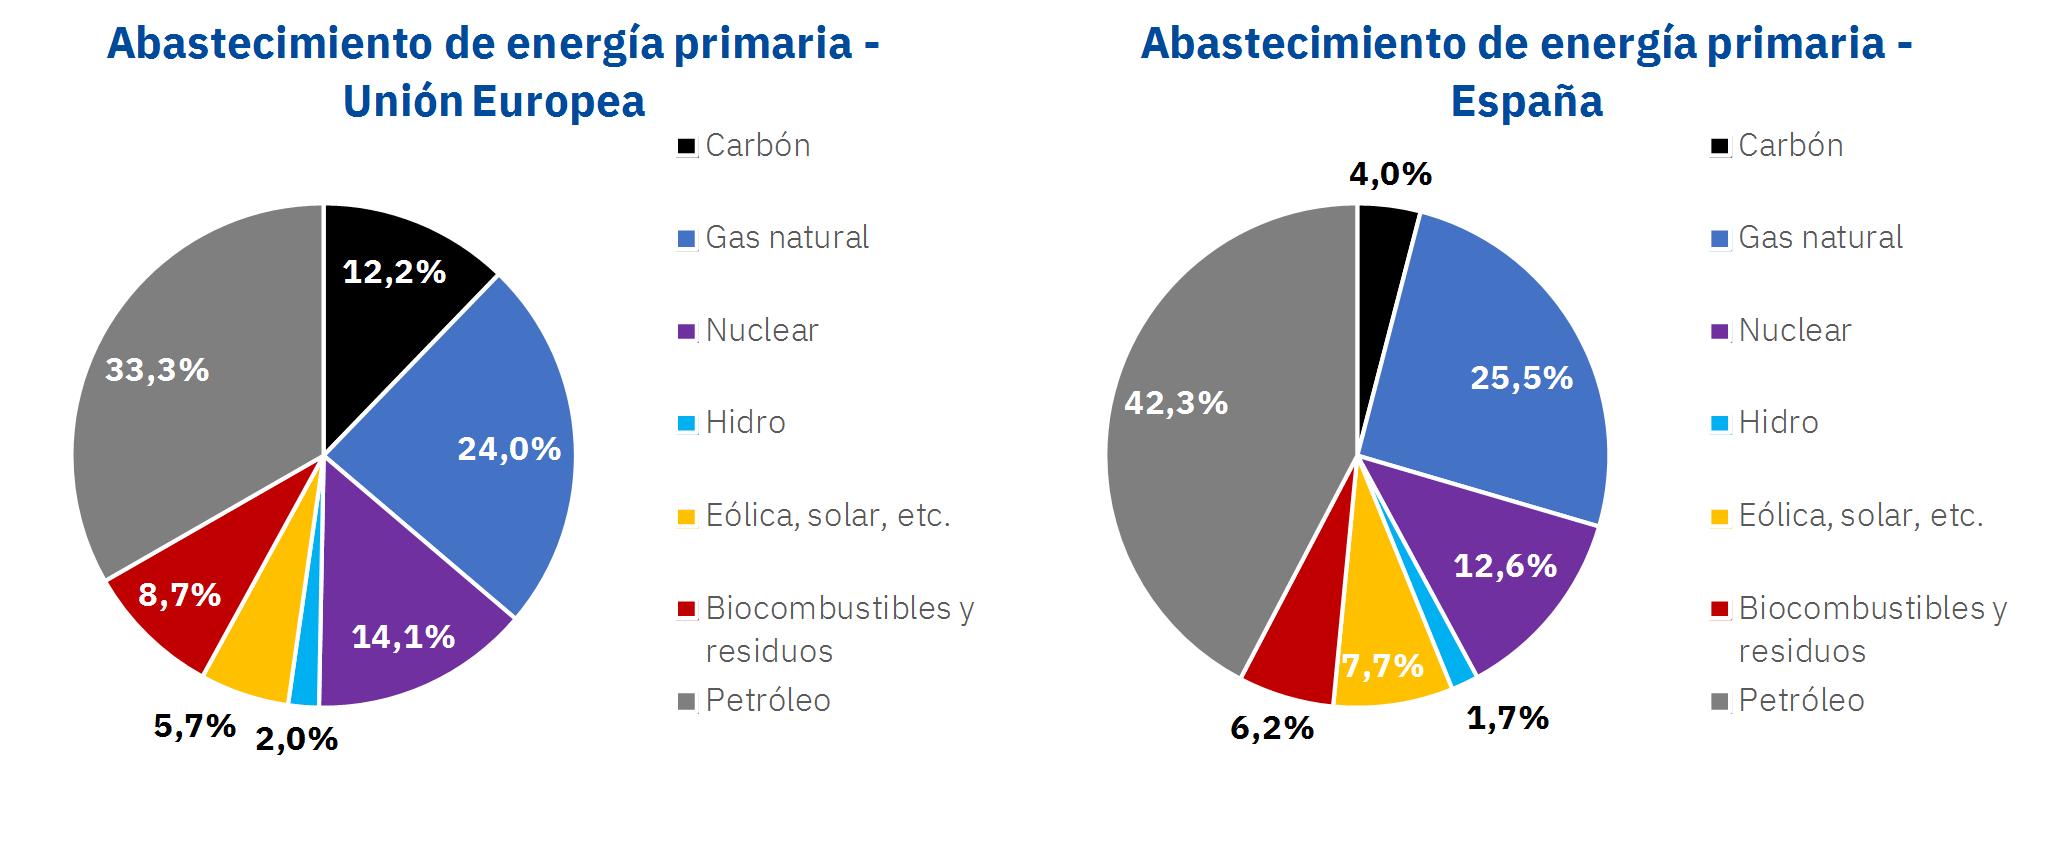 Consumo de energía primaria en la Unión Europea